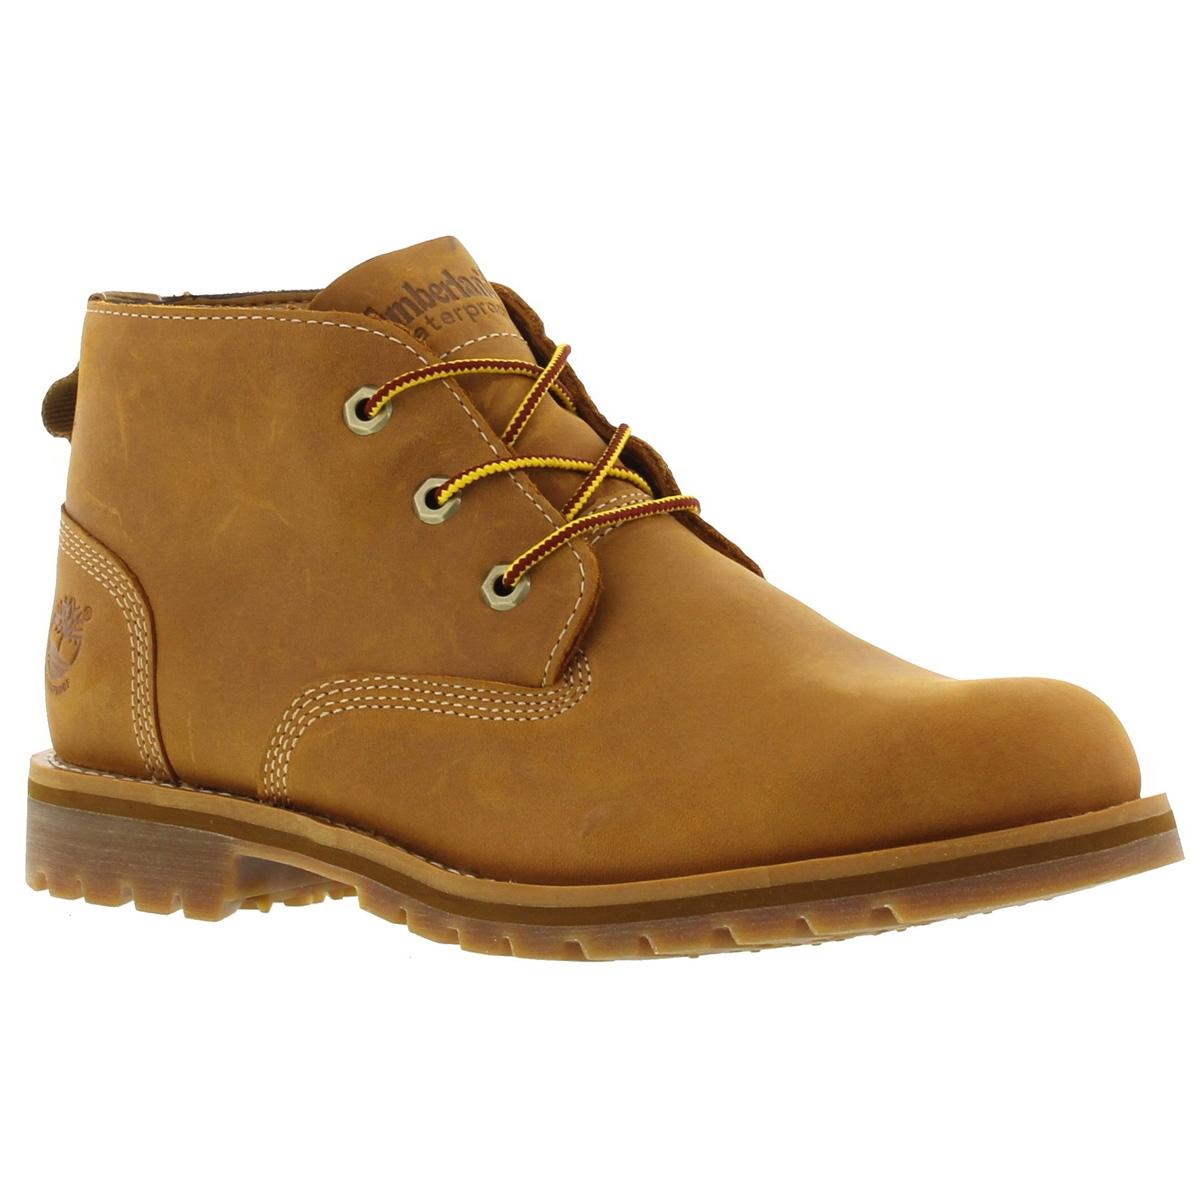 timberland waterproof chukka wheat boots